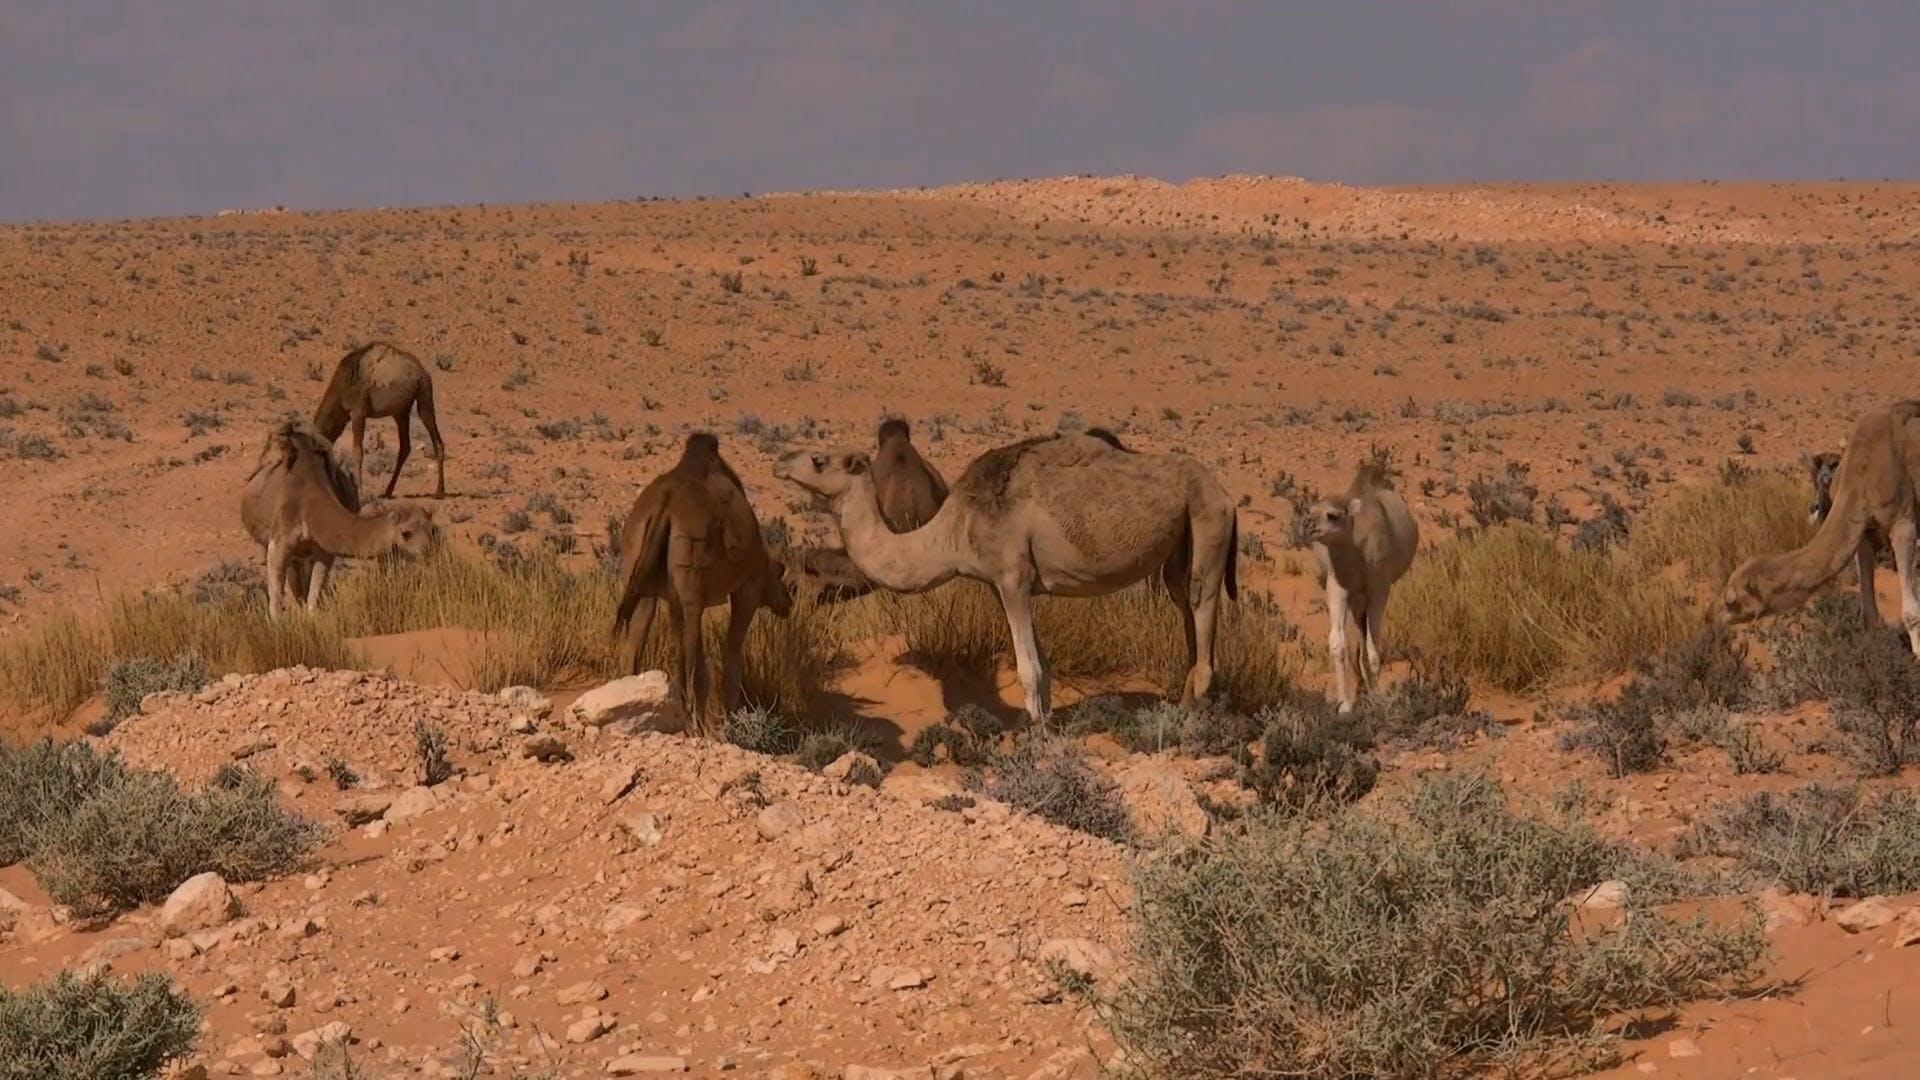 hot grass sand arabian camel animals dromedary desert